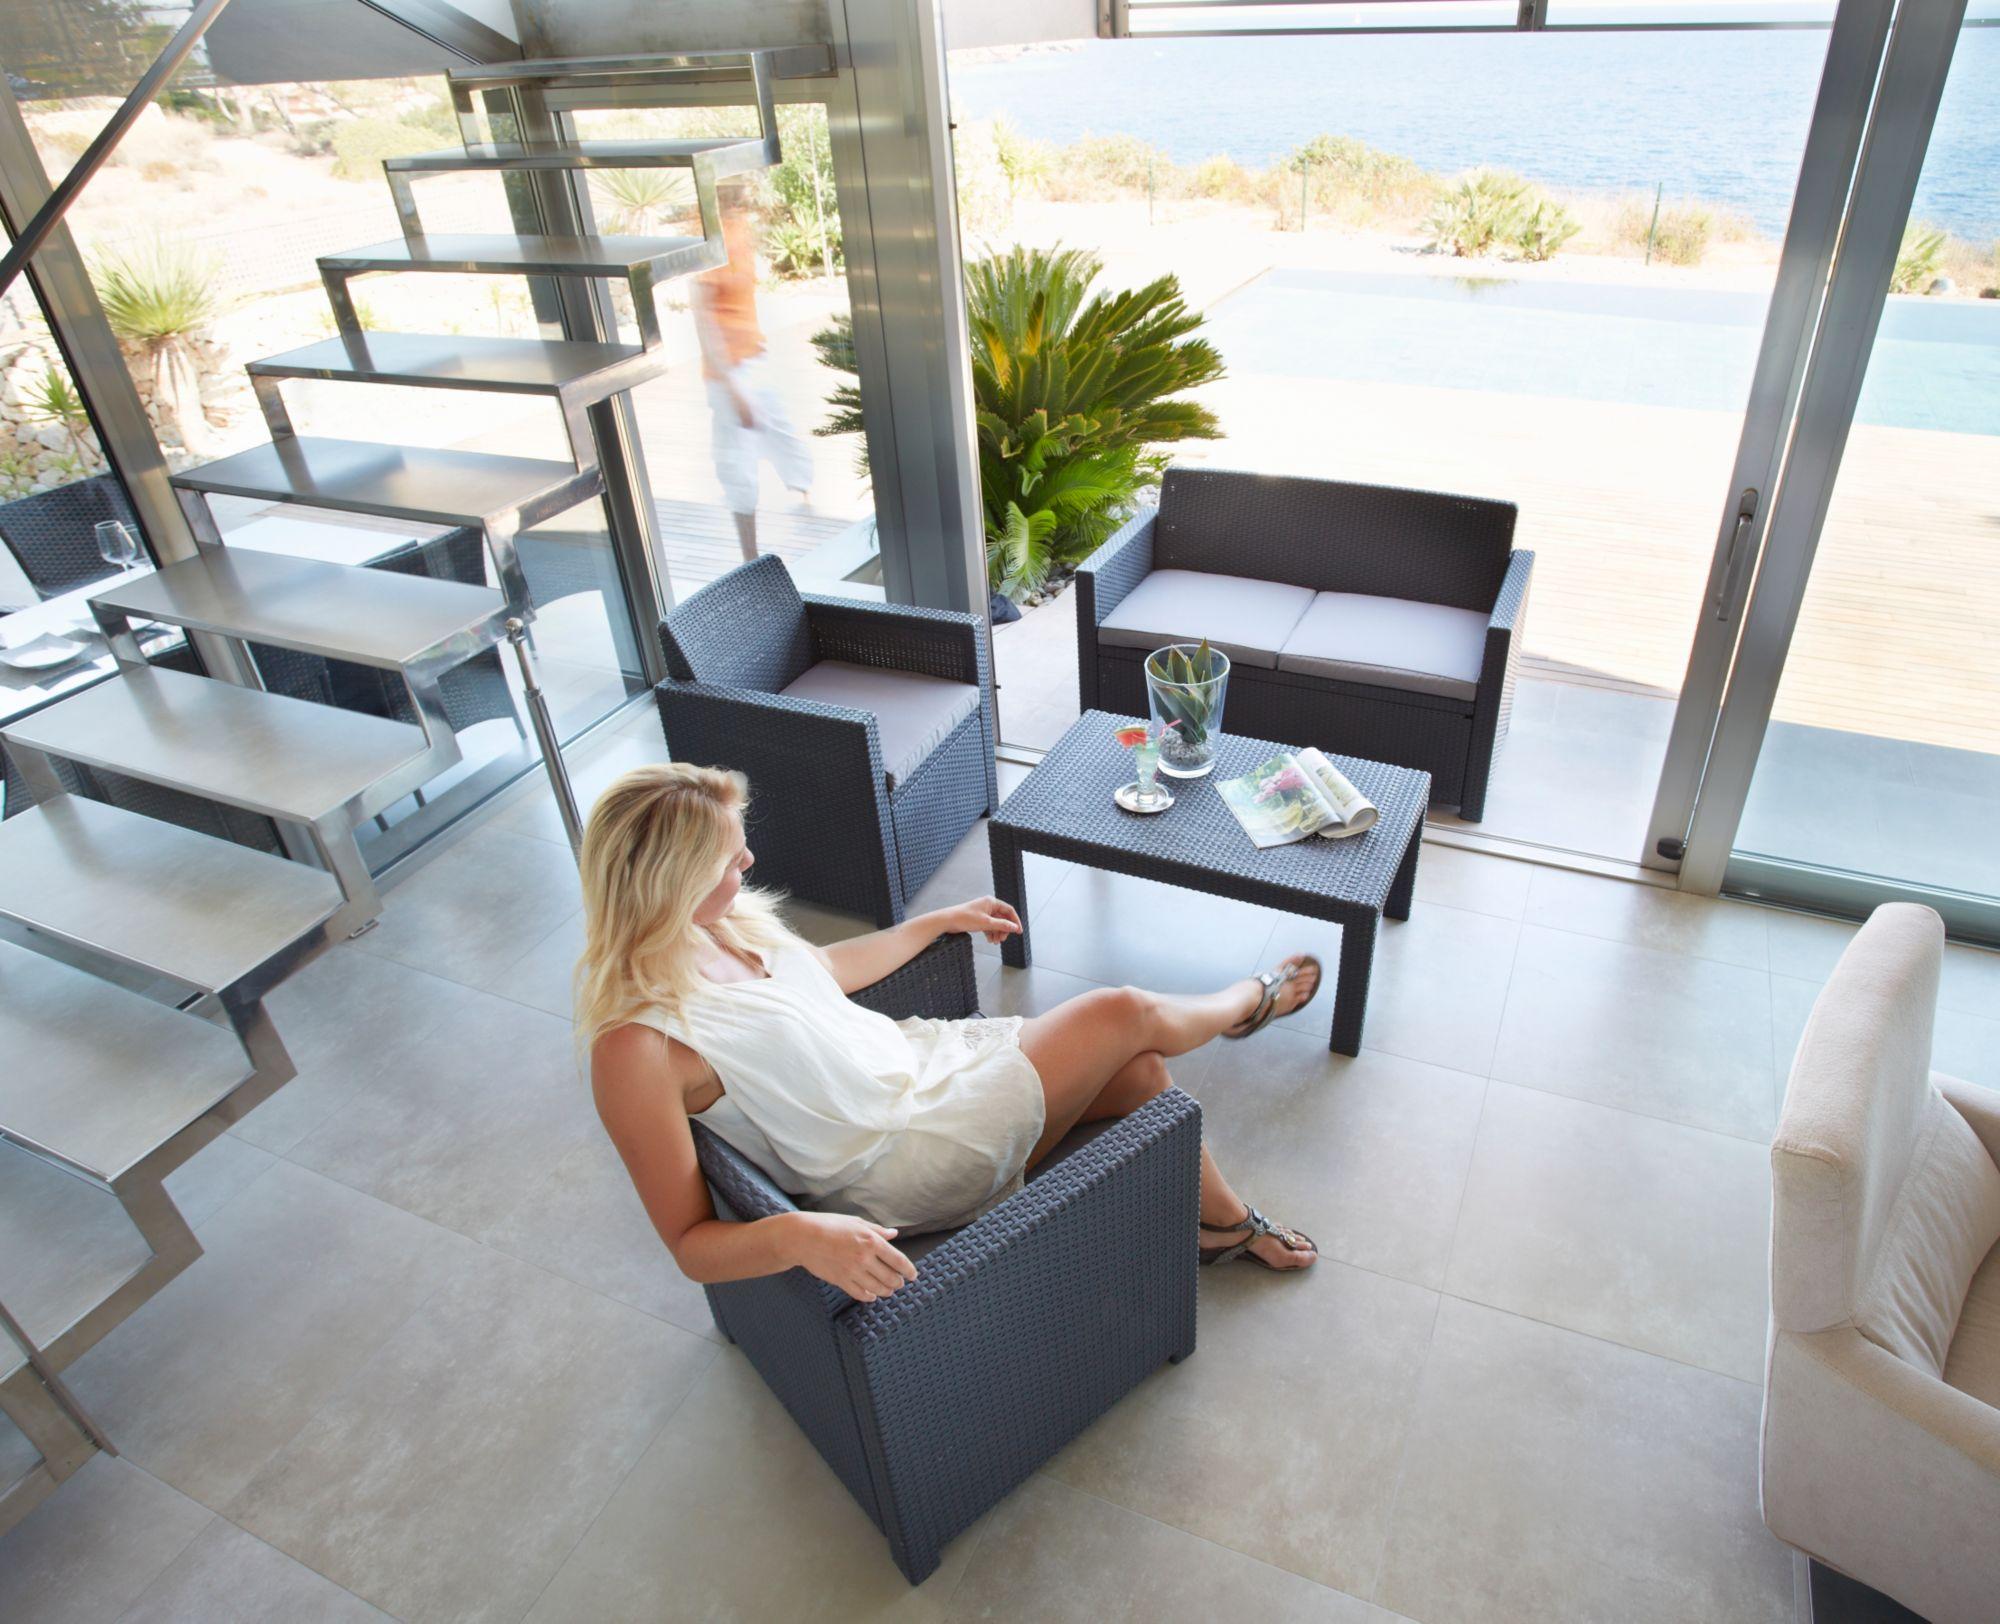 8-tgl. Loungeset »Merano«,2er-Sofa, 2 Sessel, Tisch 91x48,5 cm, Kunststoff, anthrazit